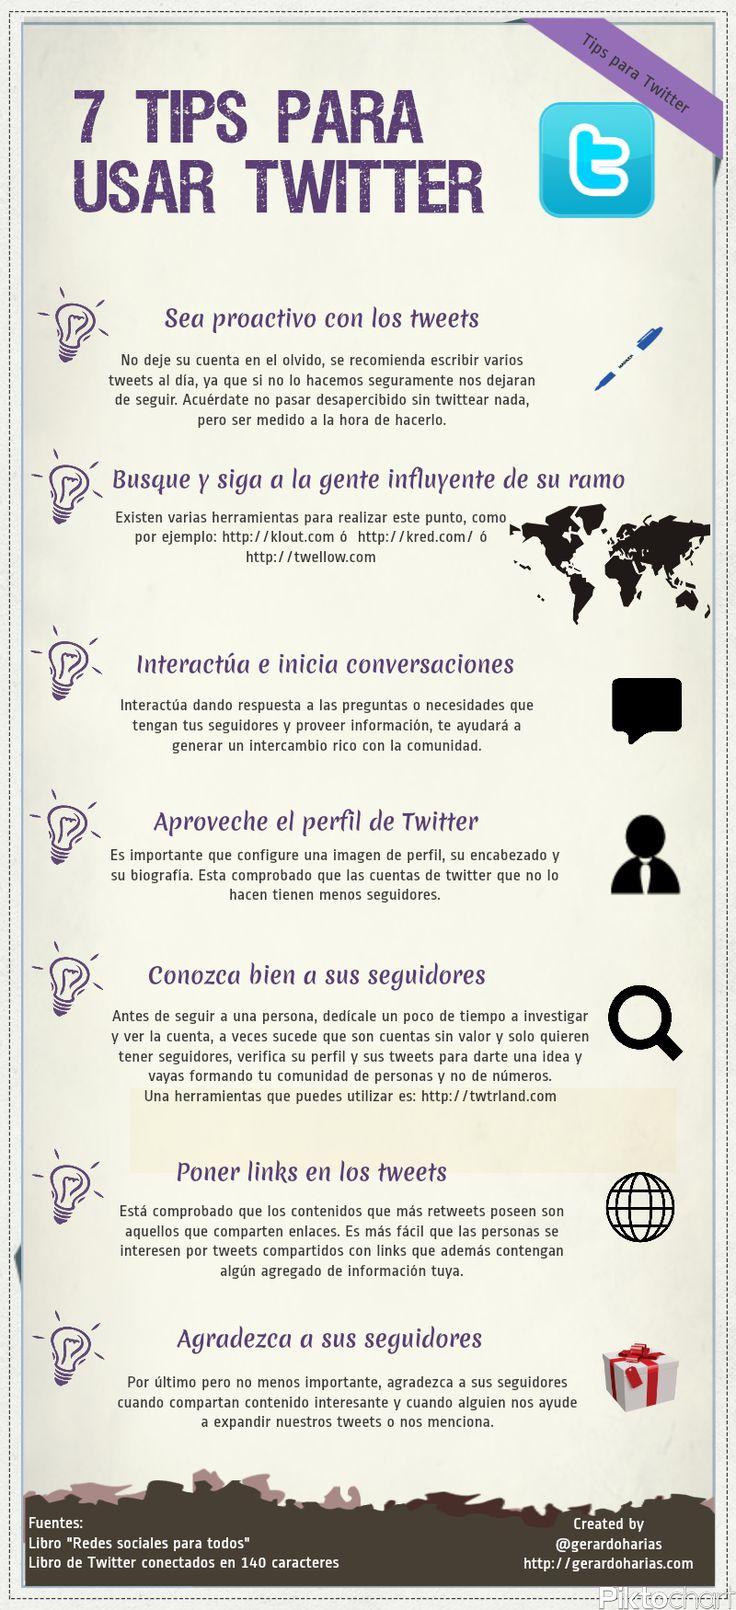 7 consejos para usar Twitter #infografia #infographic #socialmedia